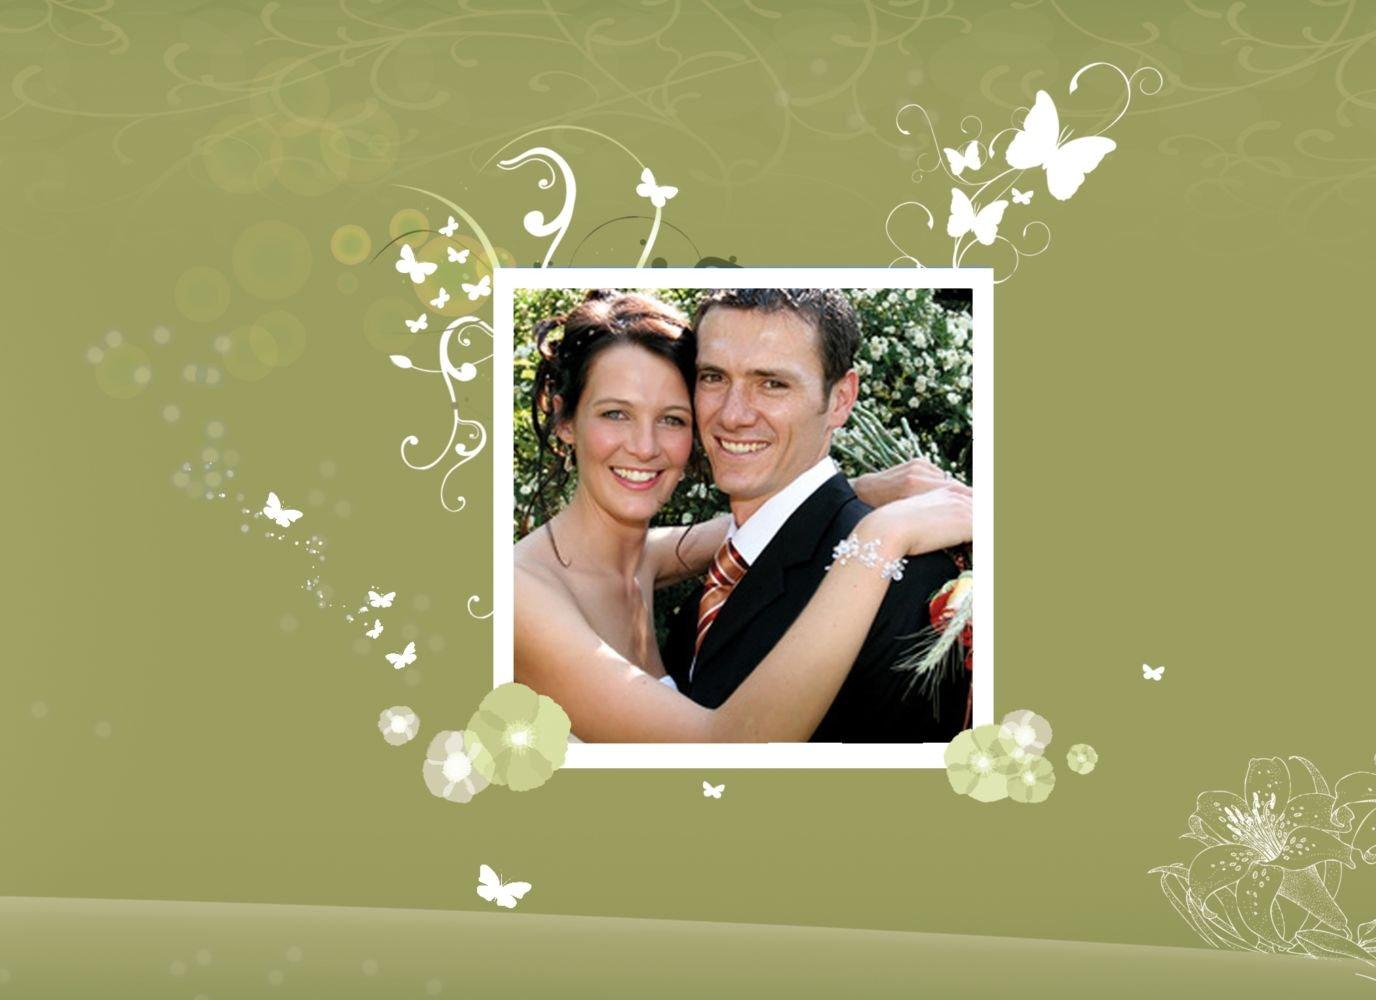 Kartenparadies Danksagung für für für Hochzeitsgeschenke Hochzeit Danke Dream, hochwertige Danksagungskarte Hochzeitsglückwünsche inklusive Umschläge   20 Karten - (Format  148x105 mm) Farbe  LilaFlieder B01N5RUYTK | Lebensecht  | Moderne Mus c6fa55